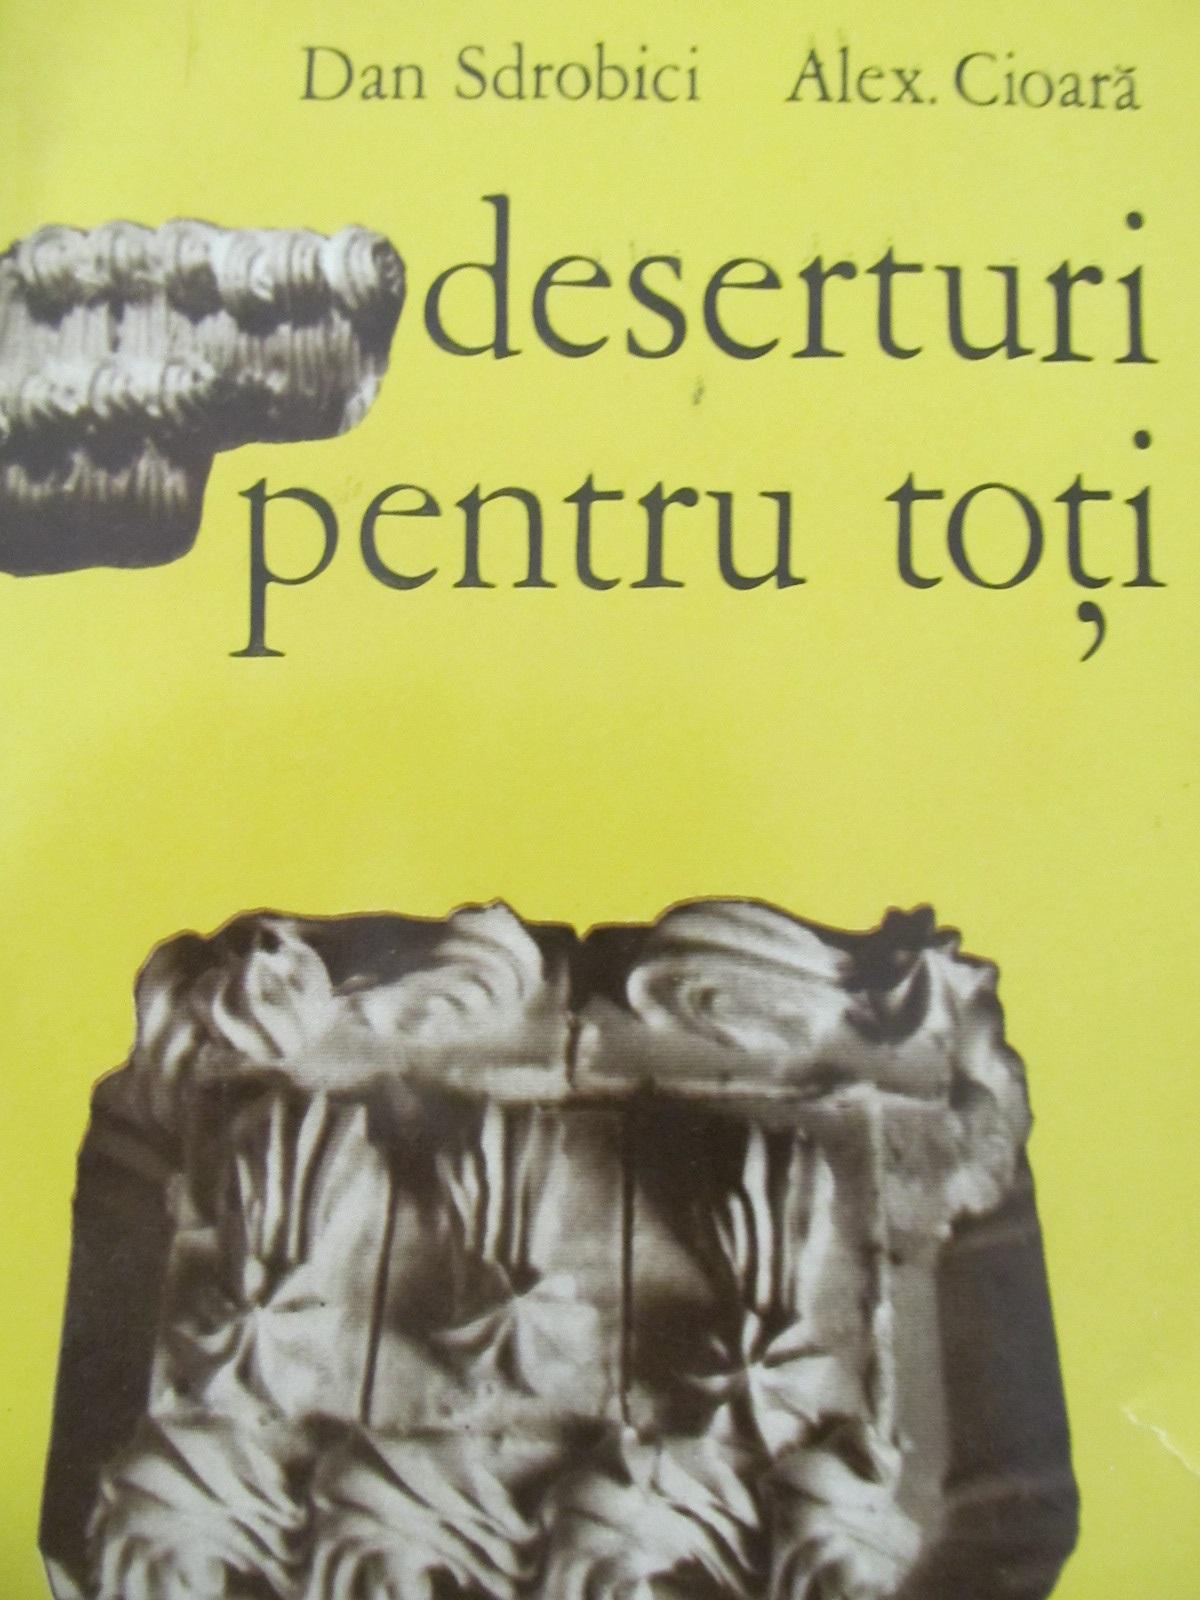 Deserturi pentru toti [1] - Dan Sdrobici , Alex. Cioara | Detalii carte